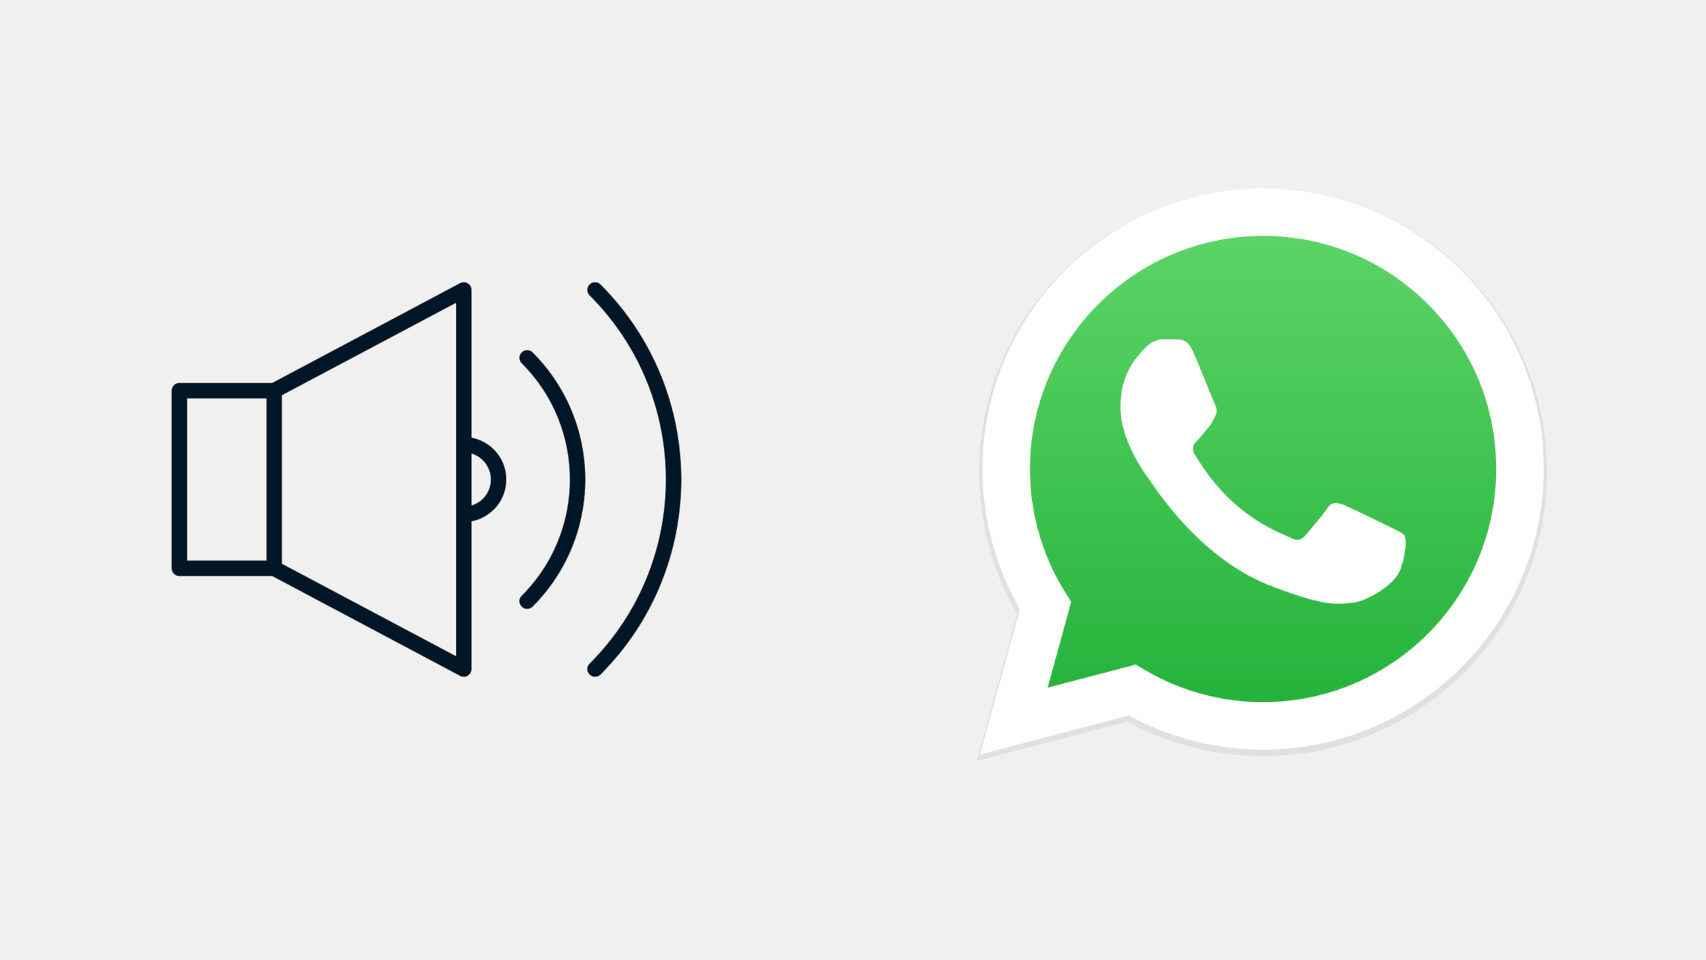 WhatsApp nos permitirá quitar el sonido de los vídeos que compartimos